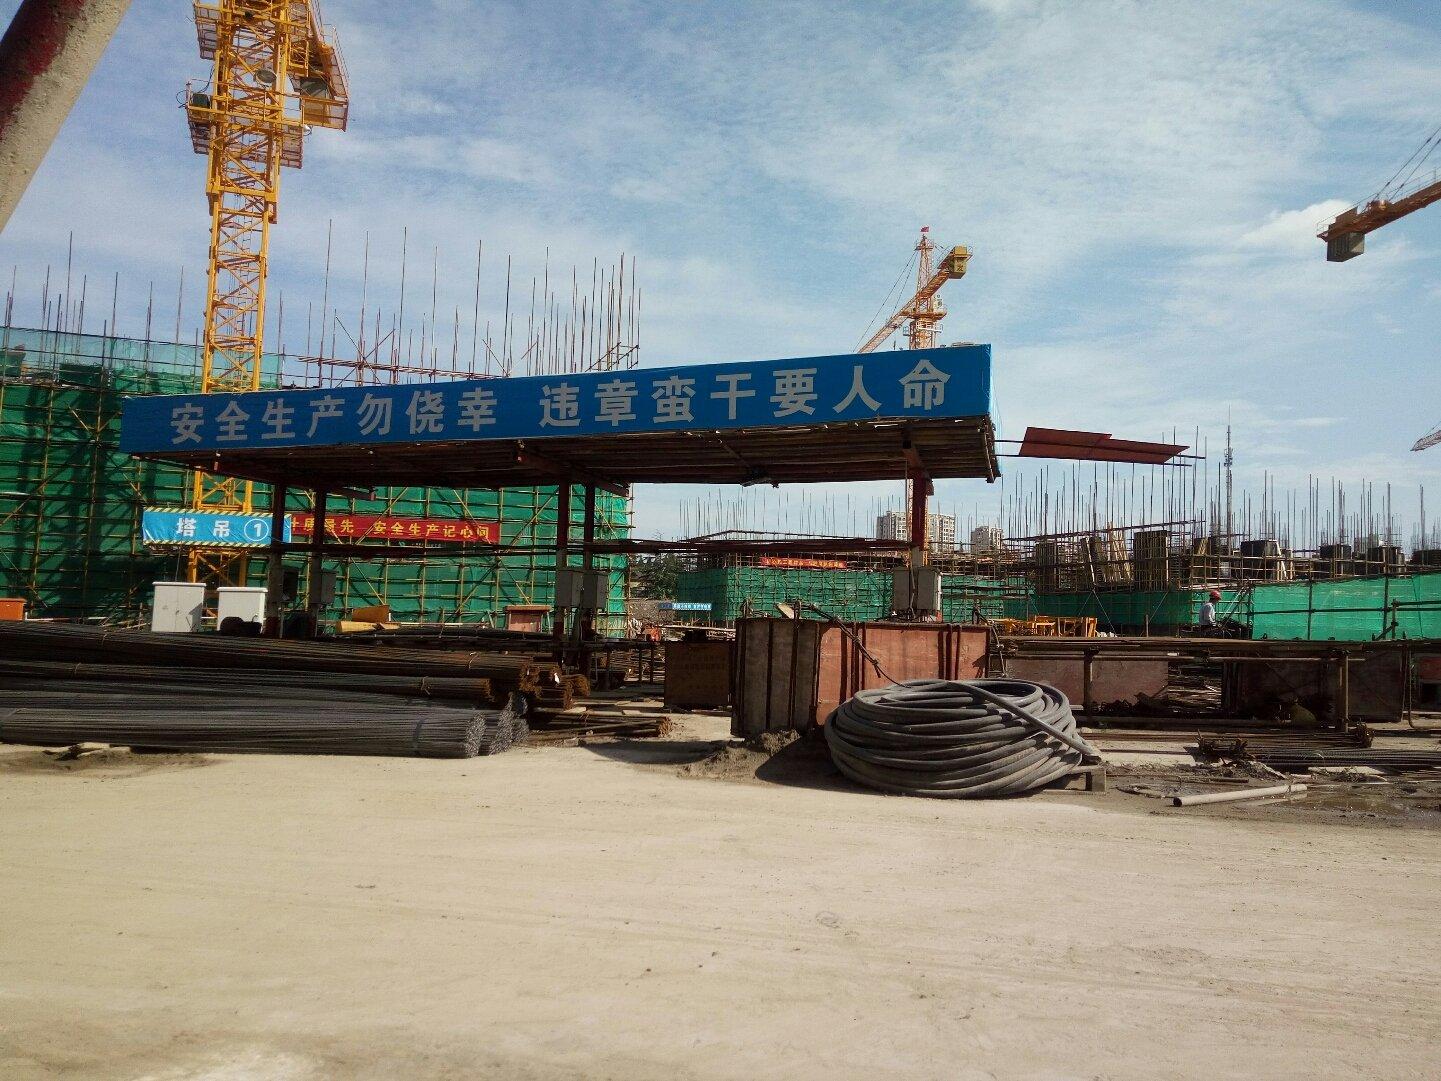 江苏省南通市崇川区任港路靠近中国建设银行(南通外环西路支行)天气